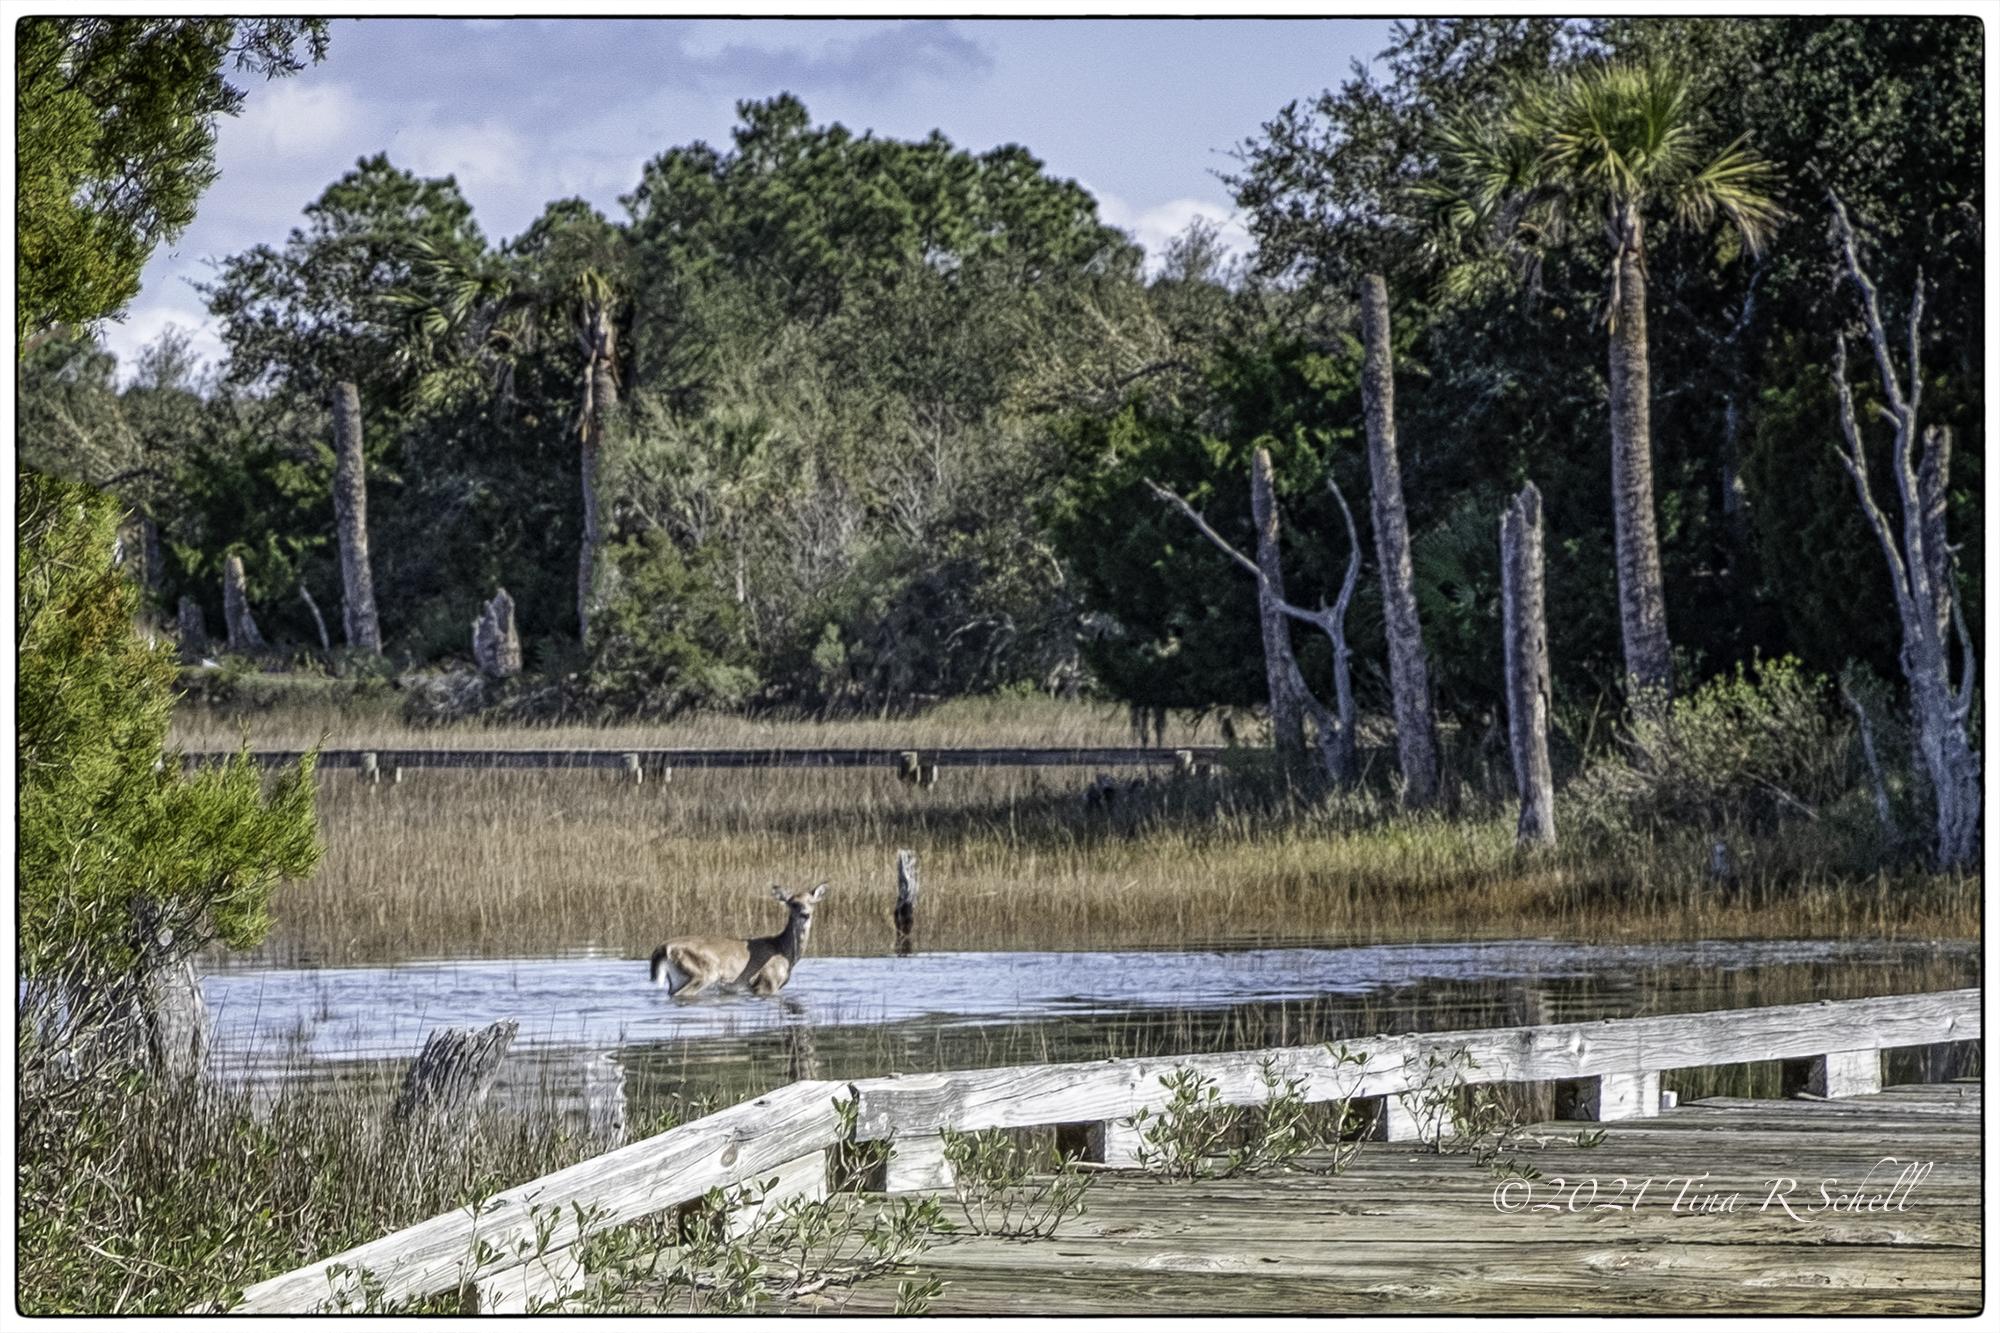 marshland, deer, Seabrook Island